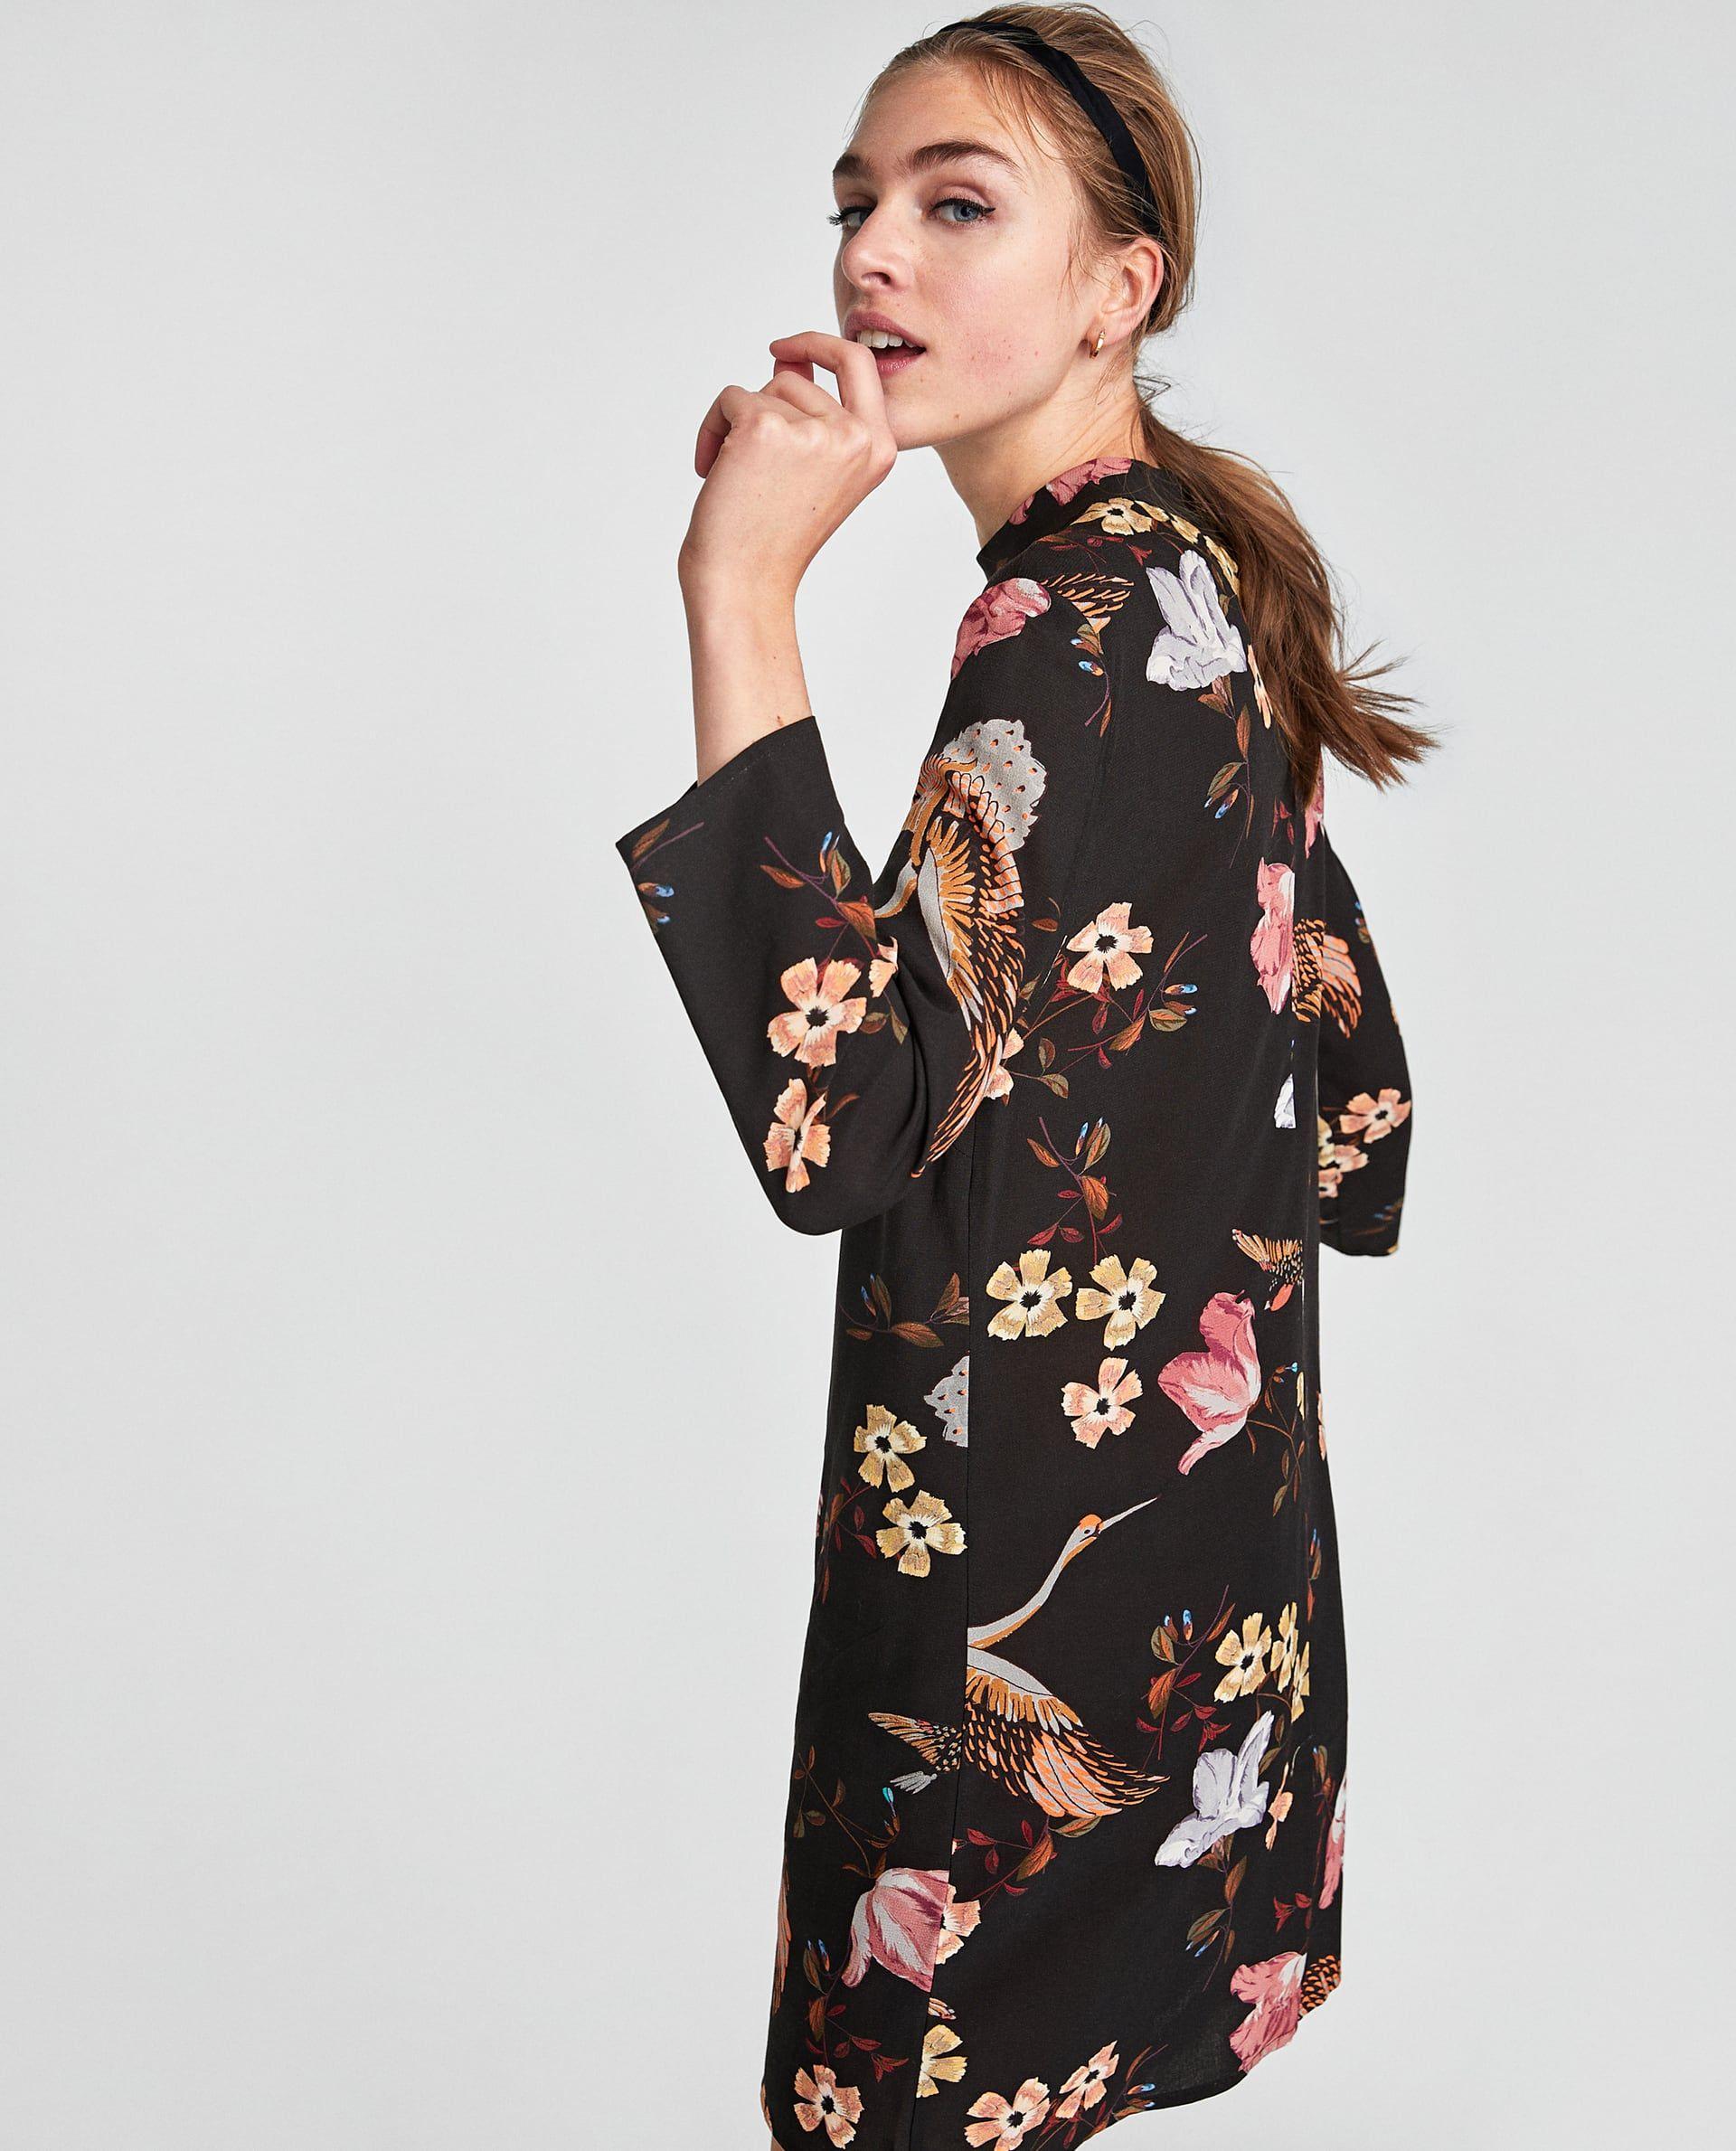 Zara kleid schwarz weiber kragen